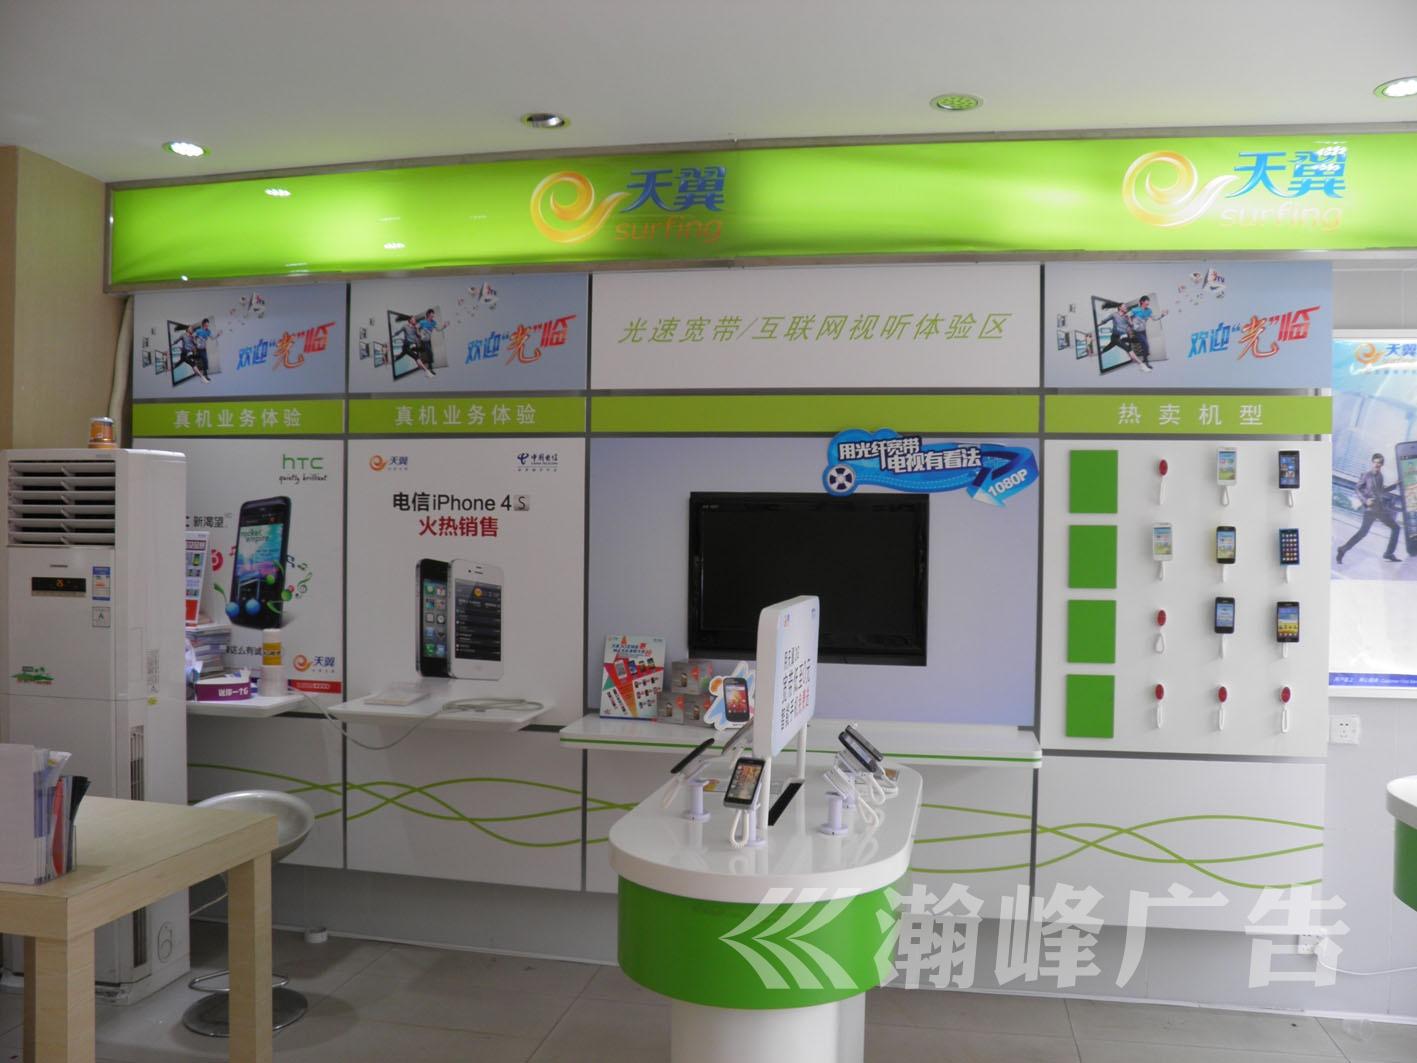 手机店装饰图片 手机店天花气球装饰 手机店天花板装饰